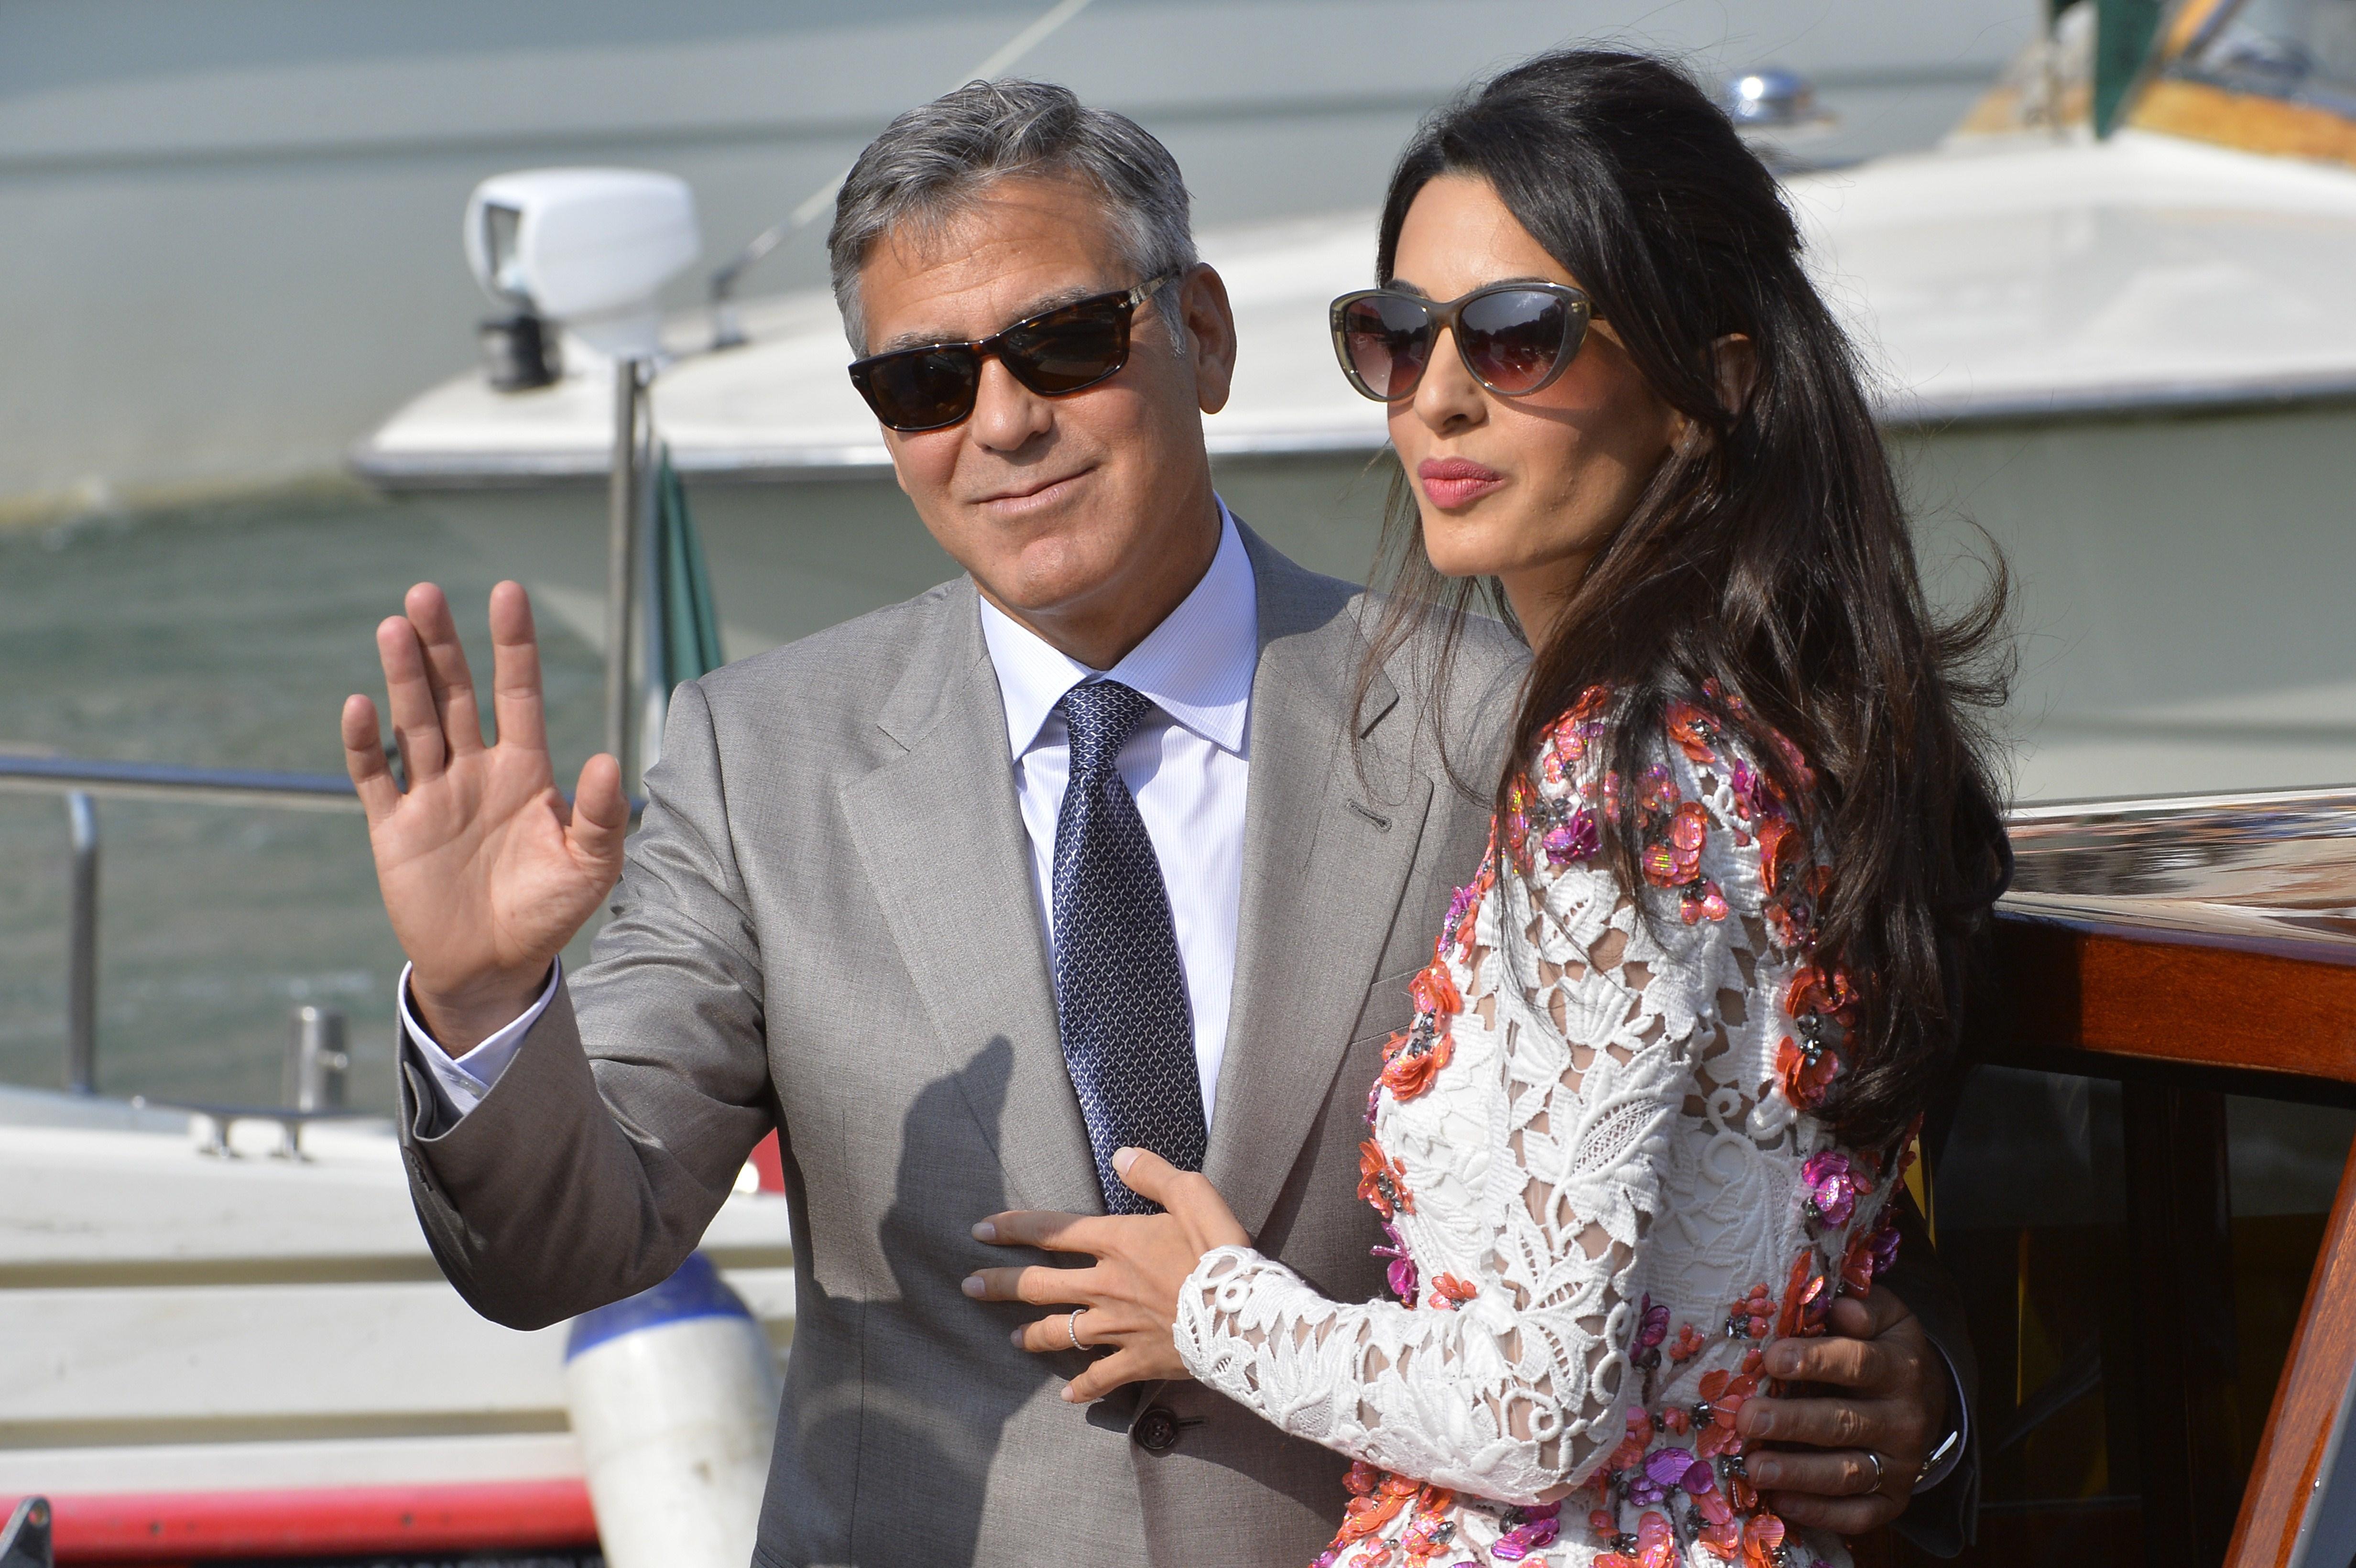 George Clooney and Amal Alamuddin's wedding photos revealed